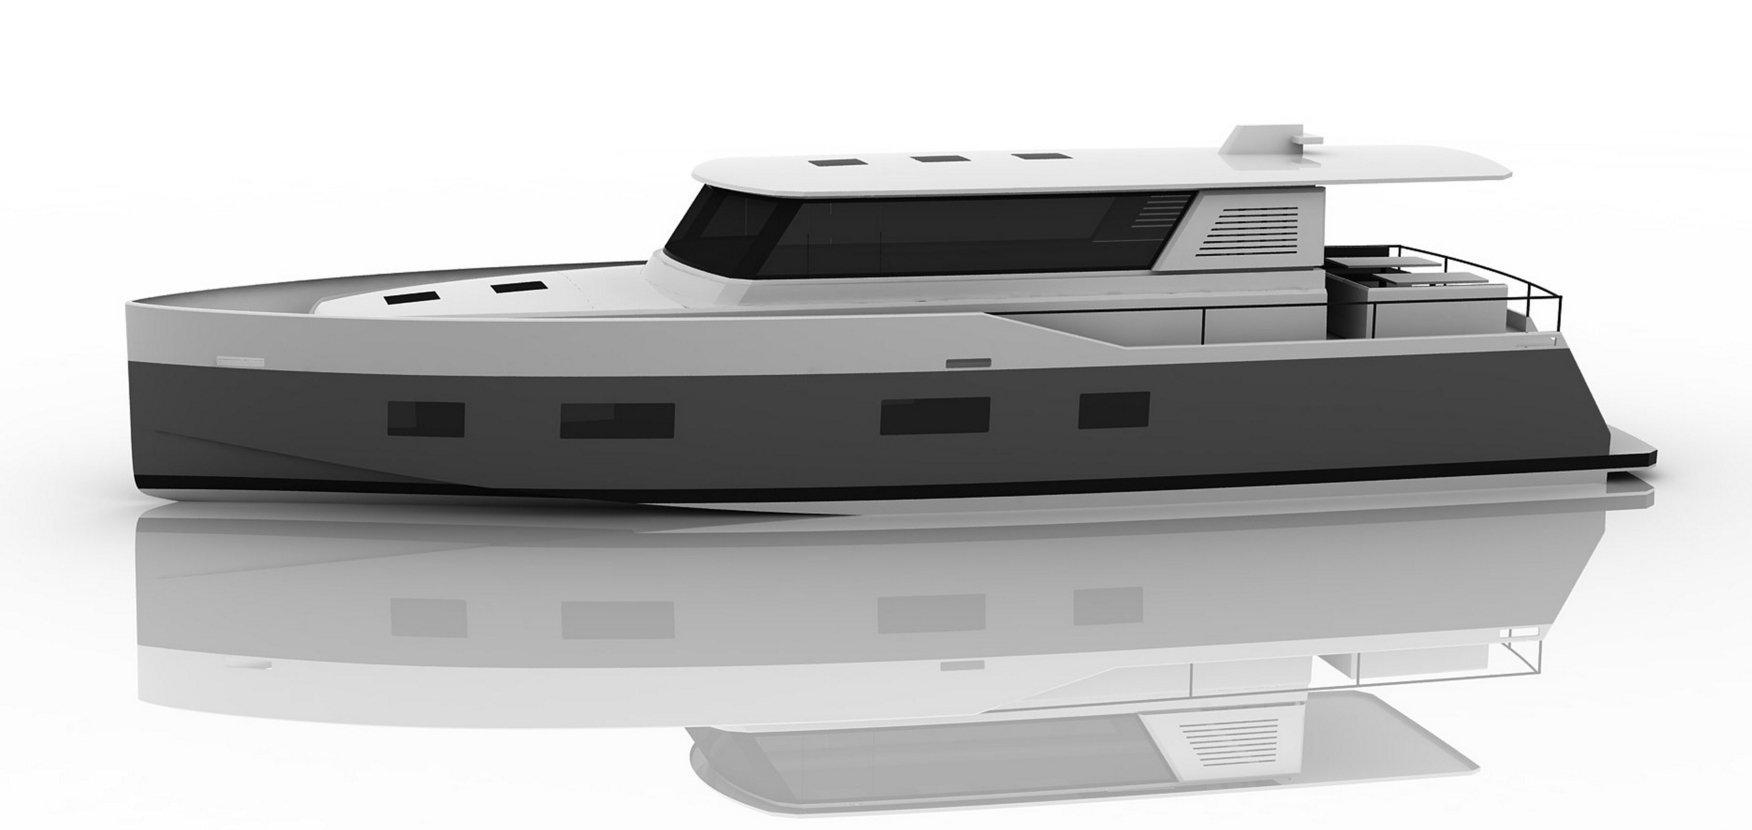 Vismara MY54 side profile rendering